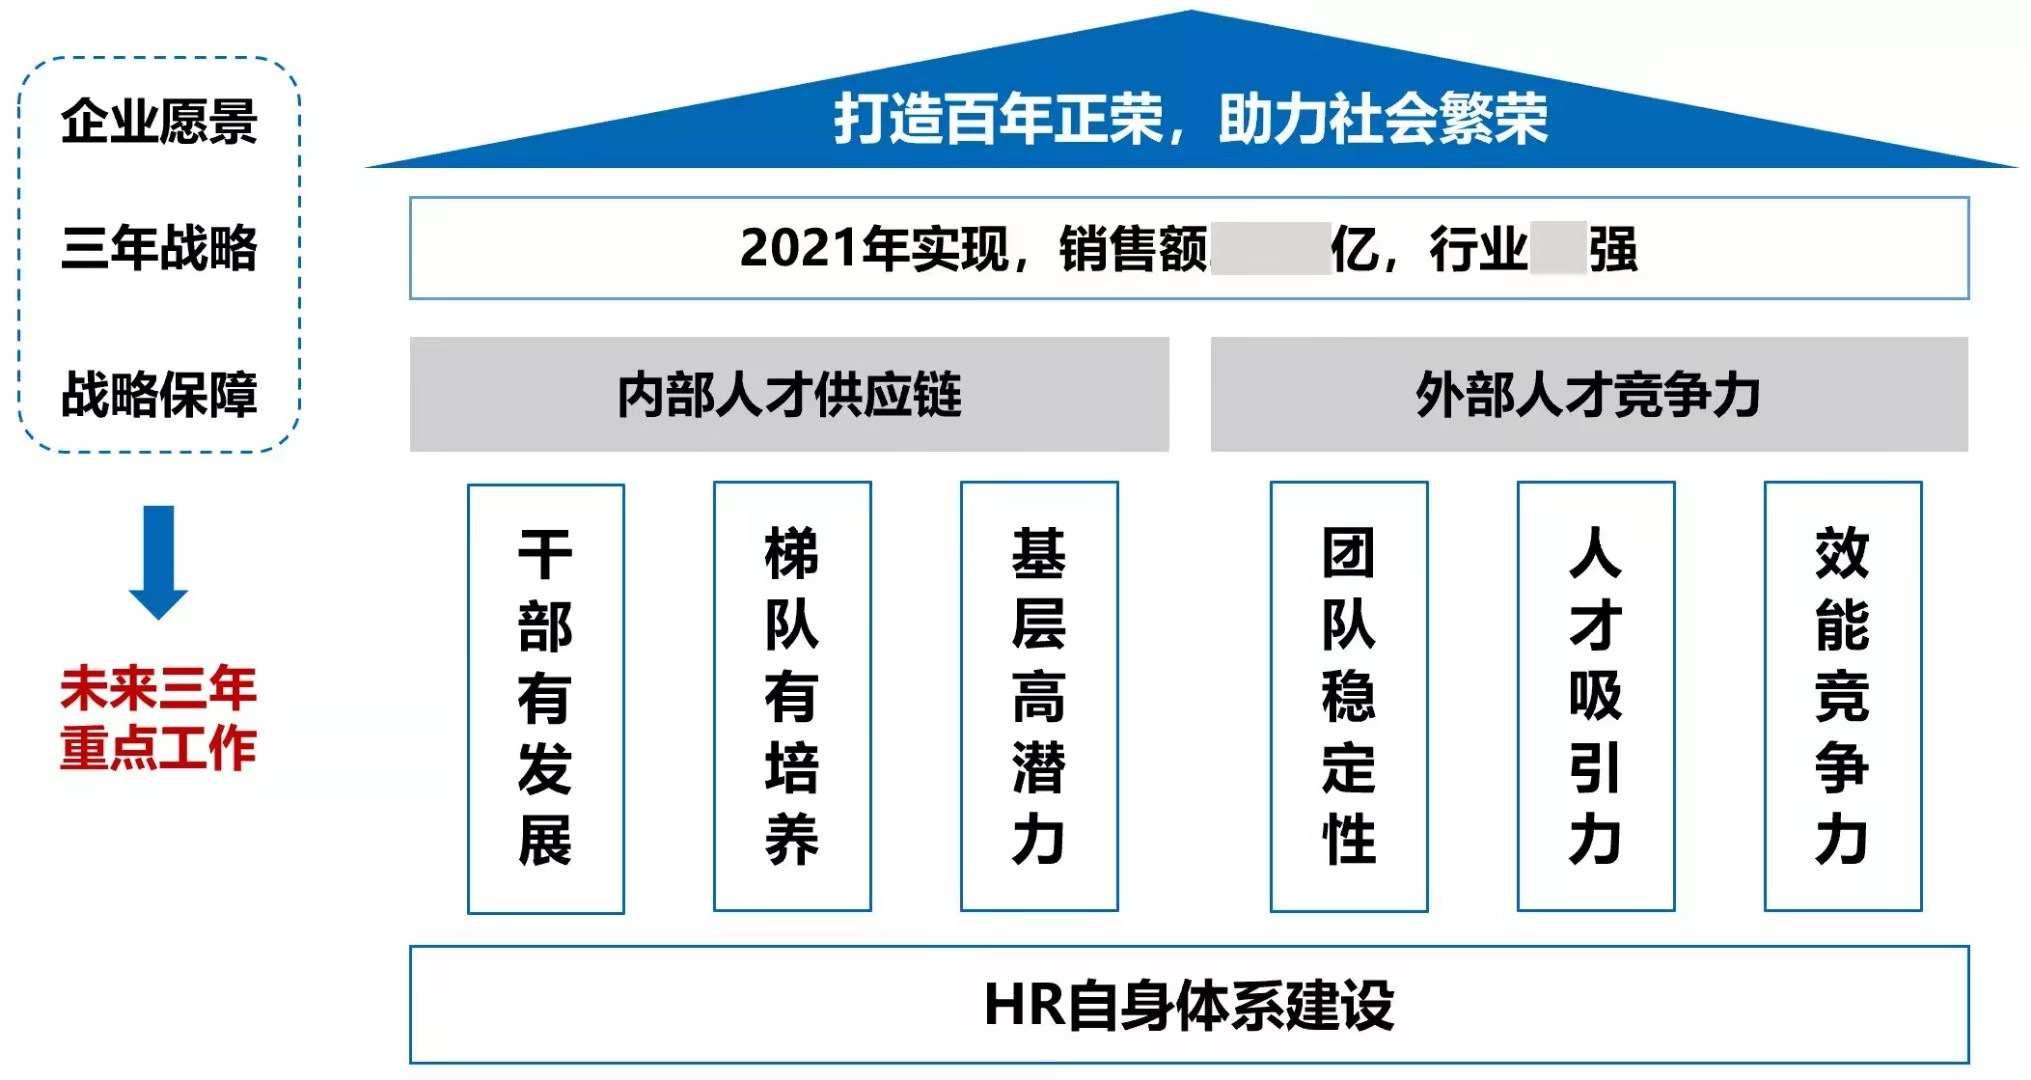 彼此成就5年后,王本龙告别正荣地产(06158)